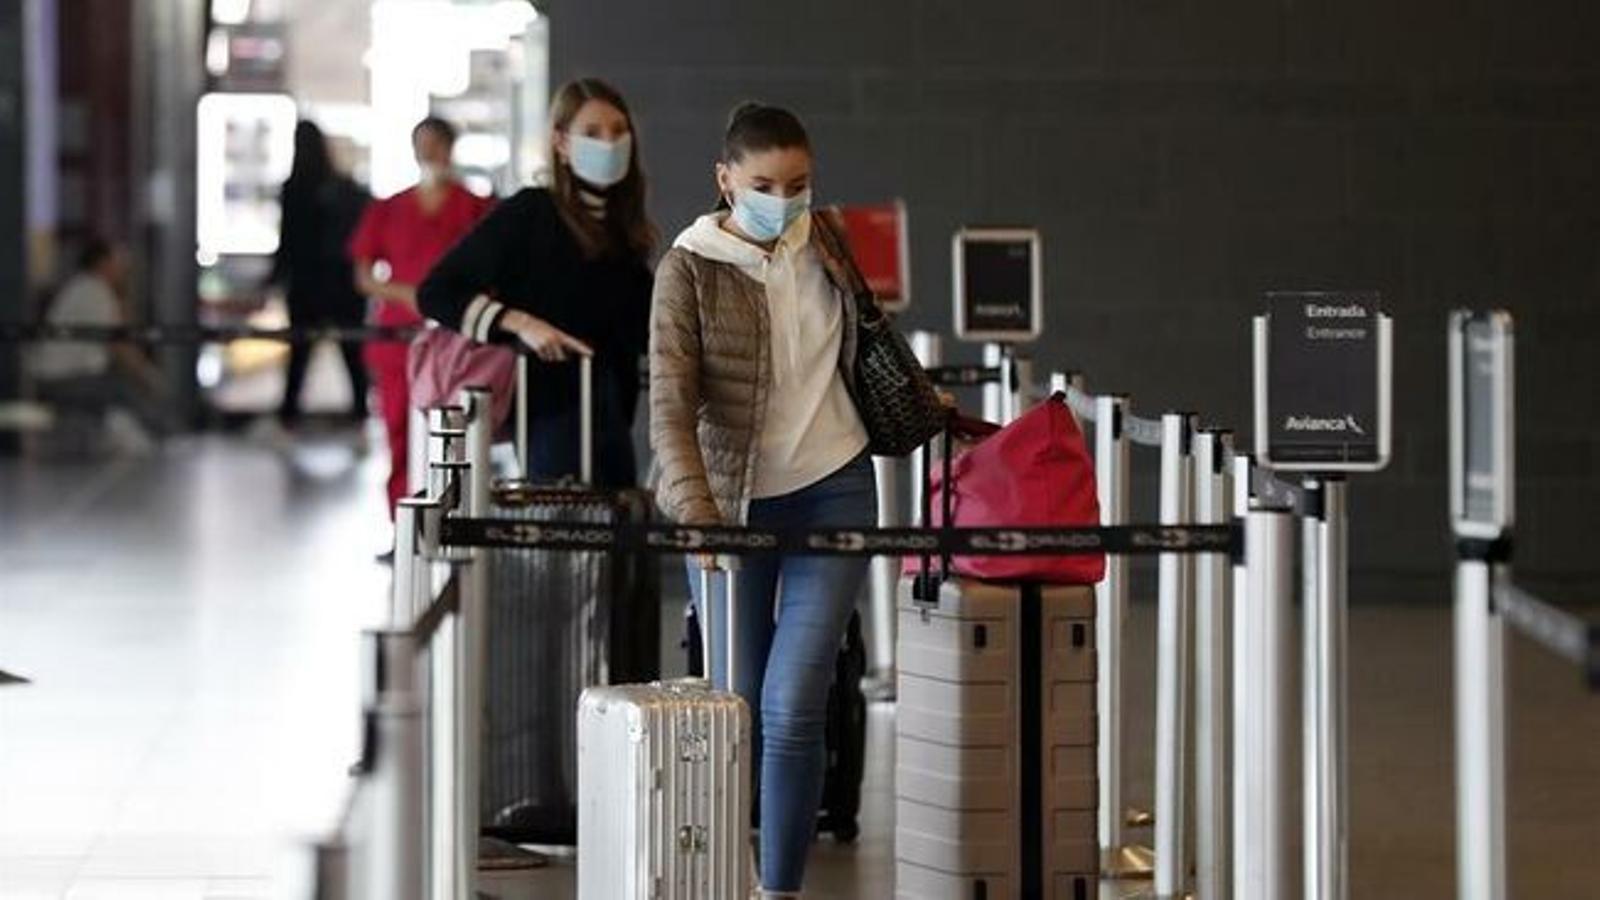 Unes turistes protegides amb mascareta i carregades amb maletes.